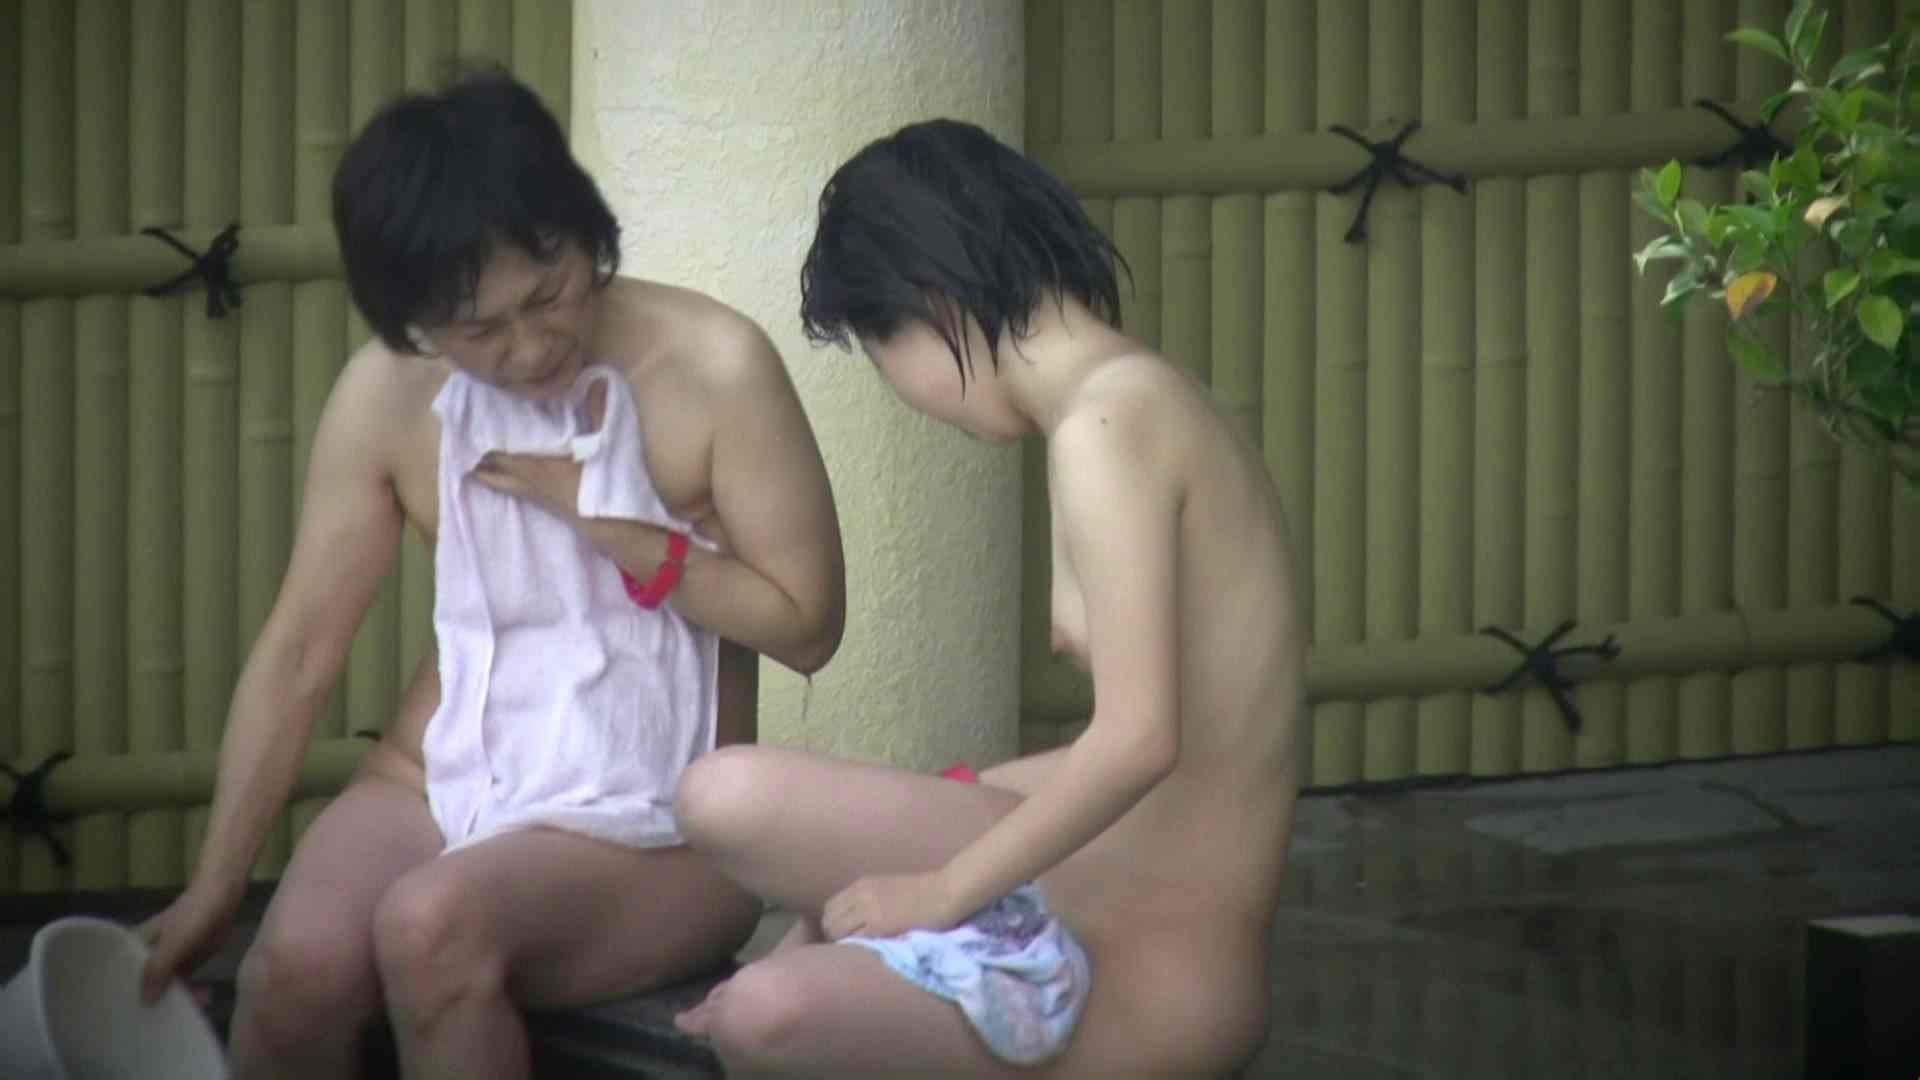 Aquaな露天風呂Vol.06【VIP】 OLセックス のぞきおめこ無修正画像 83画像 83